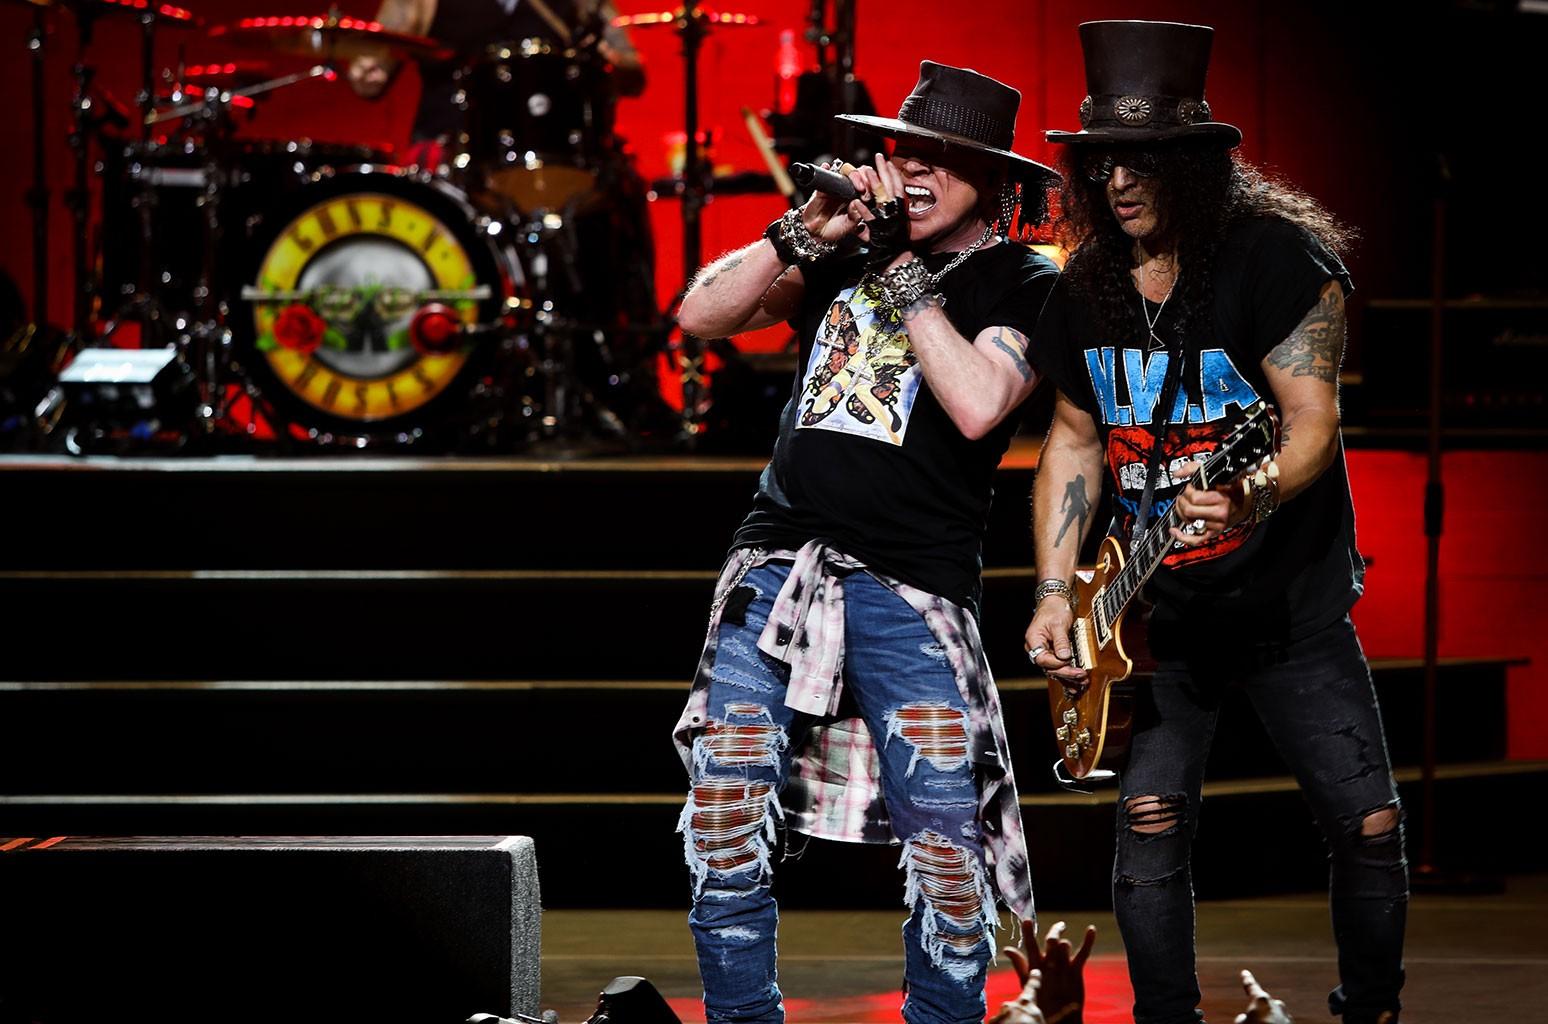 Джефф Джонс из TEG говорит о туре по стадиону Guns 'N Roses: «Австралия и Новая Зеландия могут проложить путь»